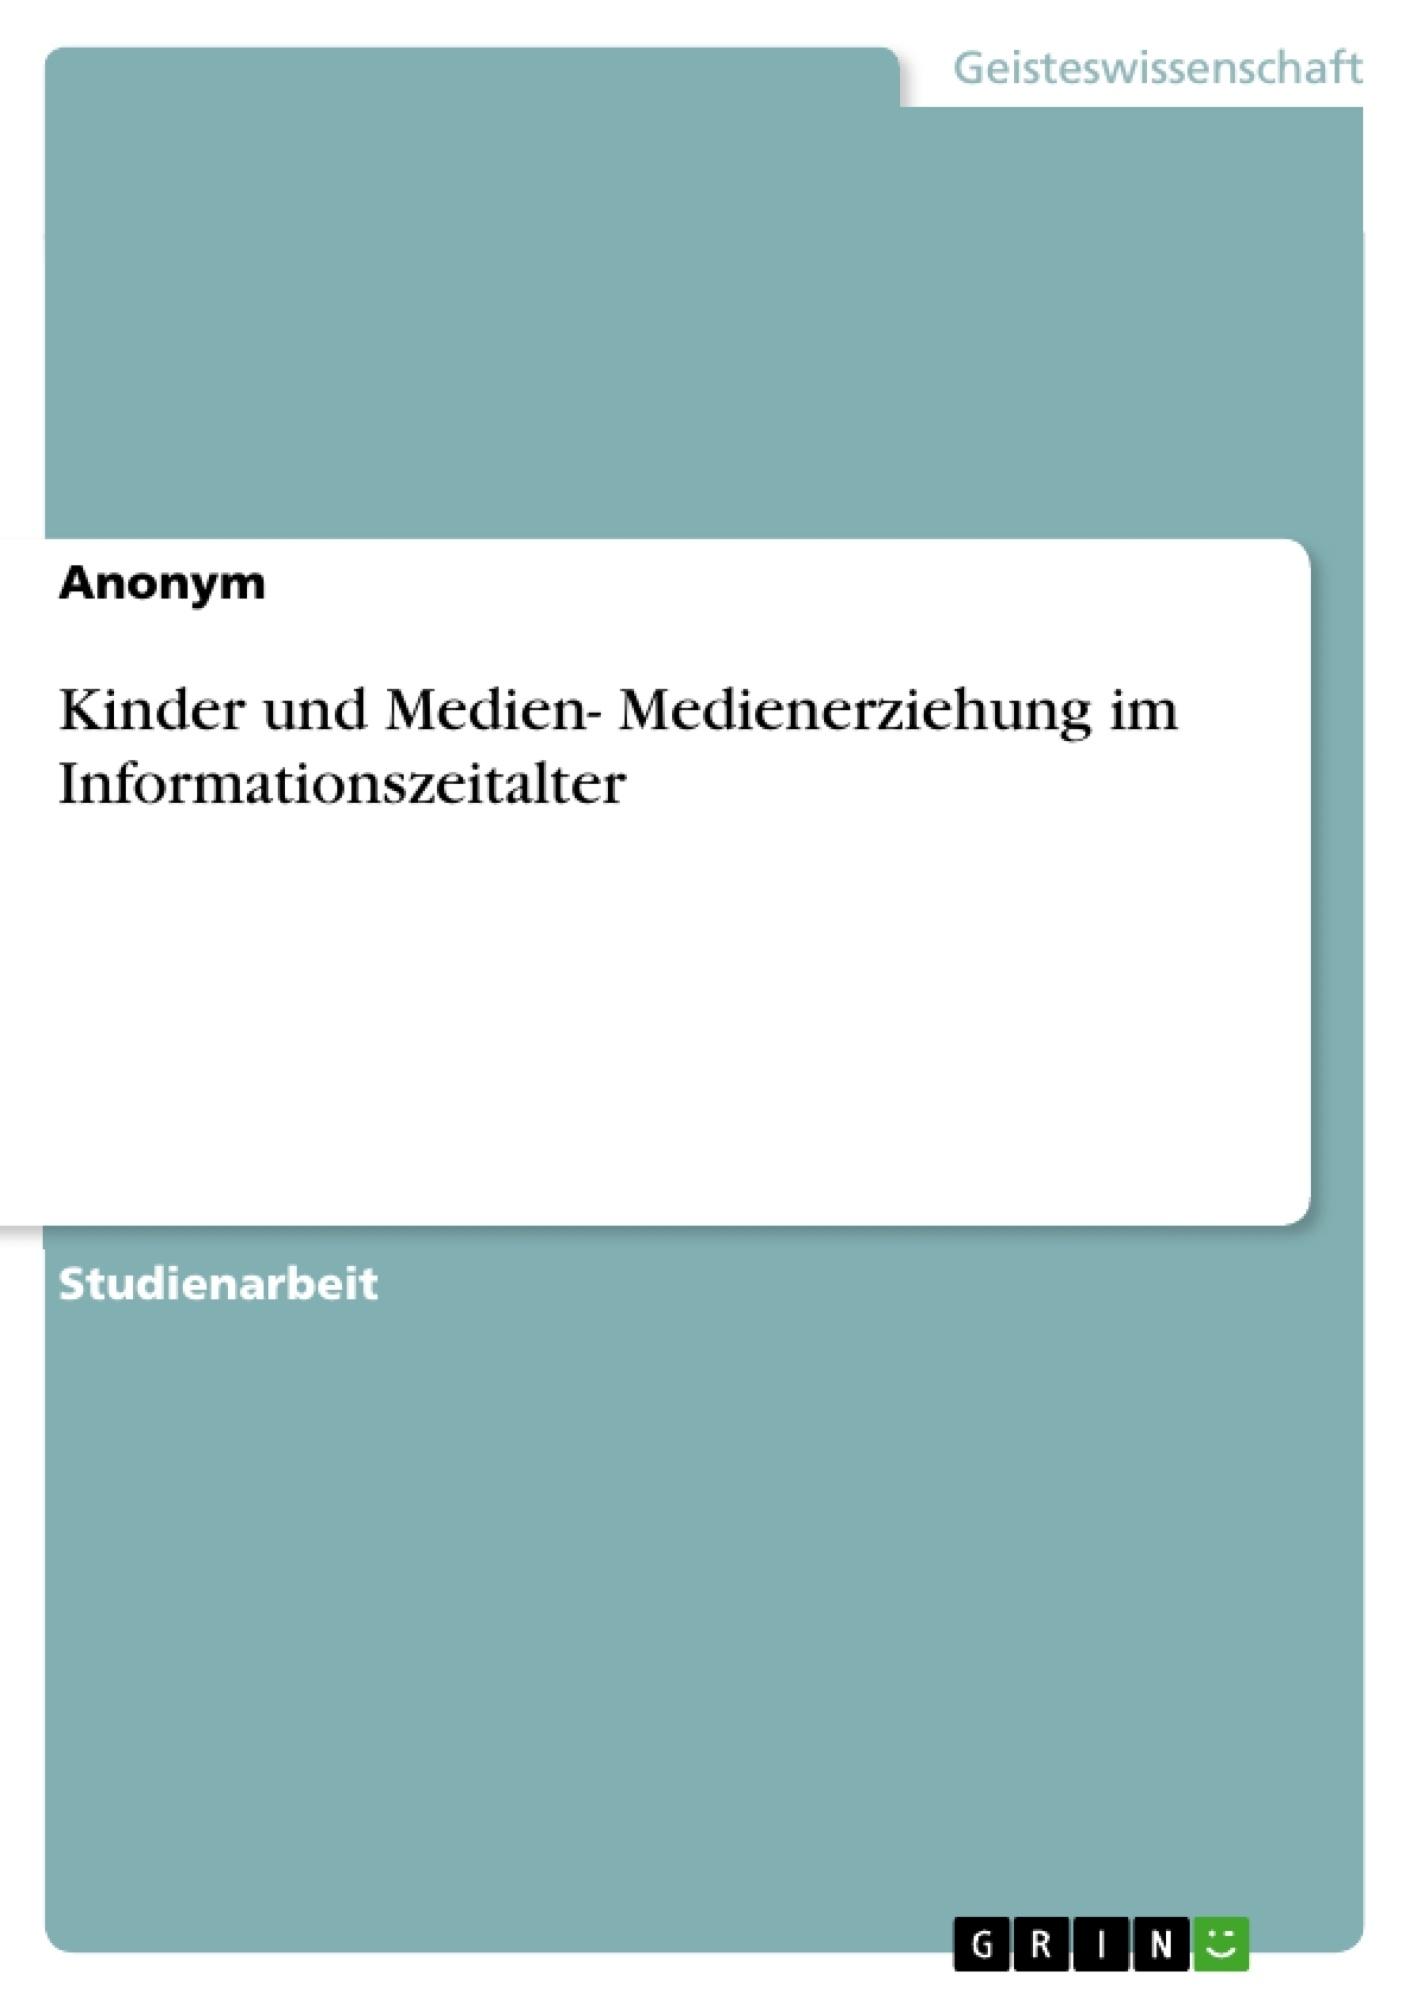 Titel: Kinder und Medien- Medienerziehung im Informationszeitalter